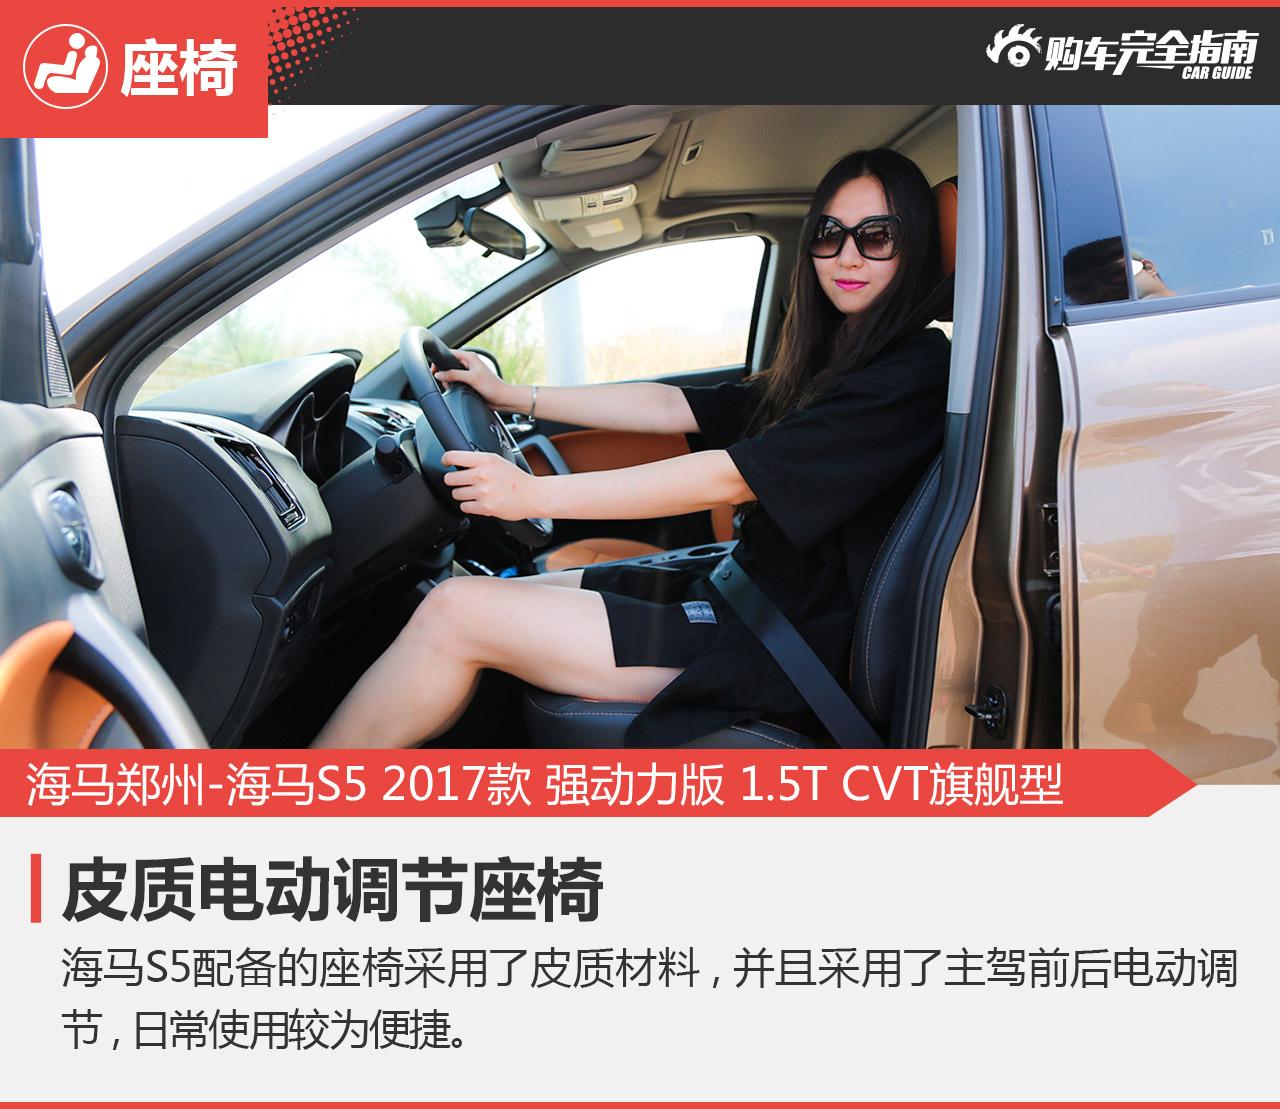 海马郑州-海马S5 2017款 强动力版 1.5T CVT旗舰型